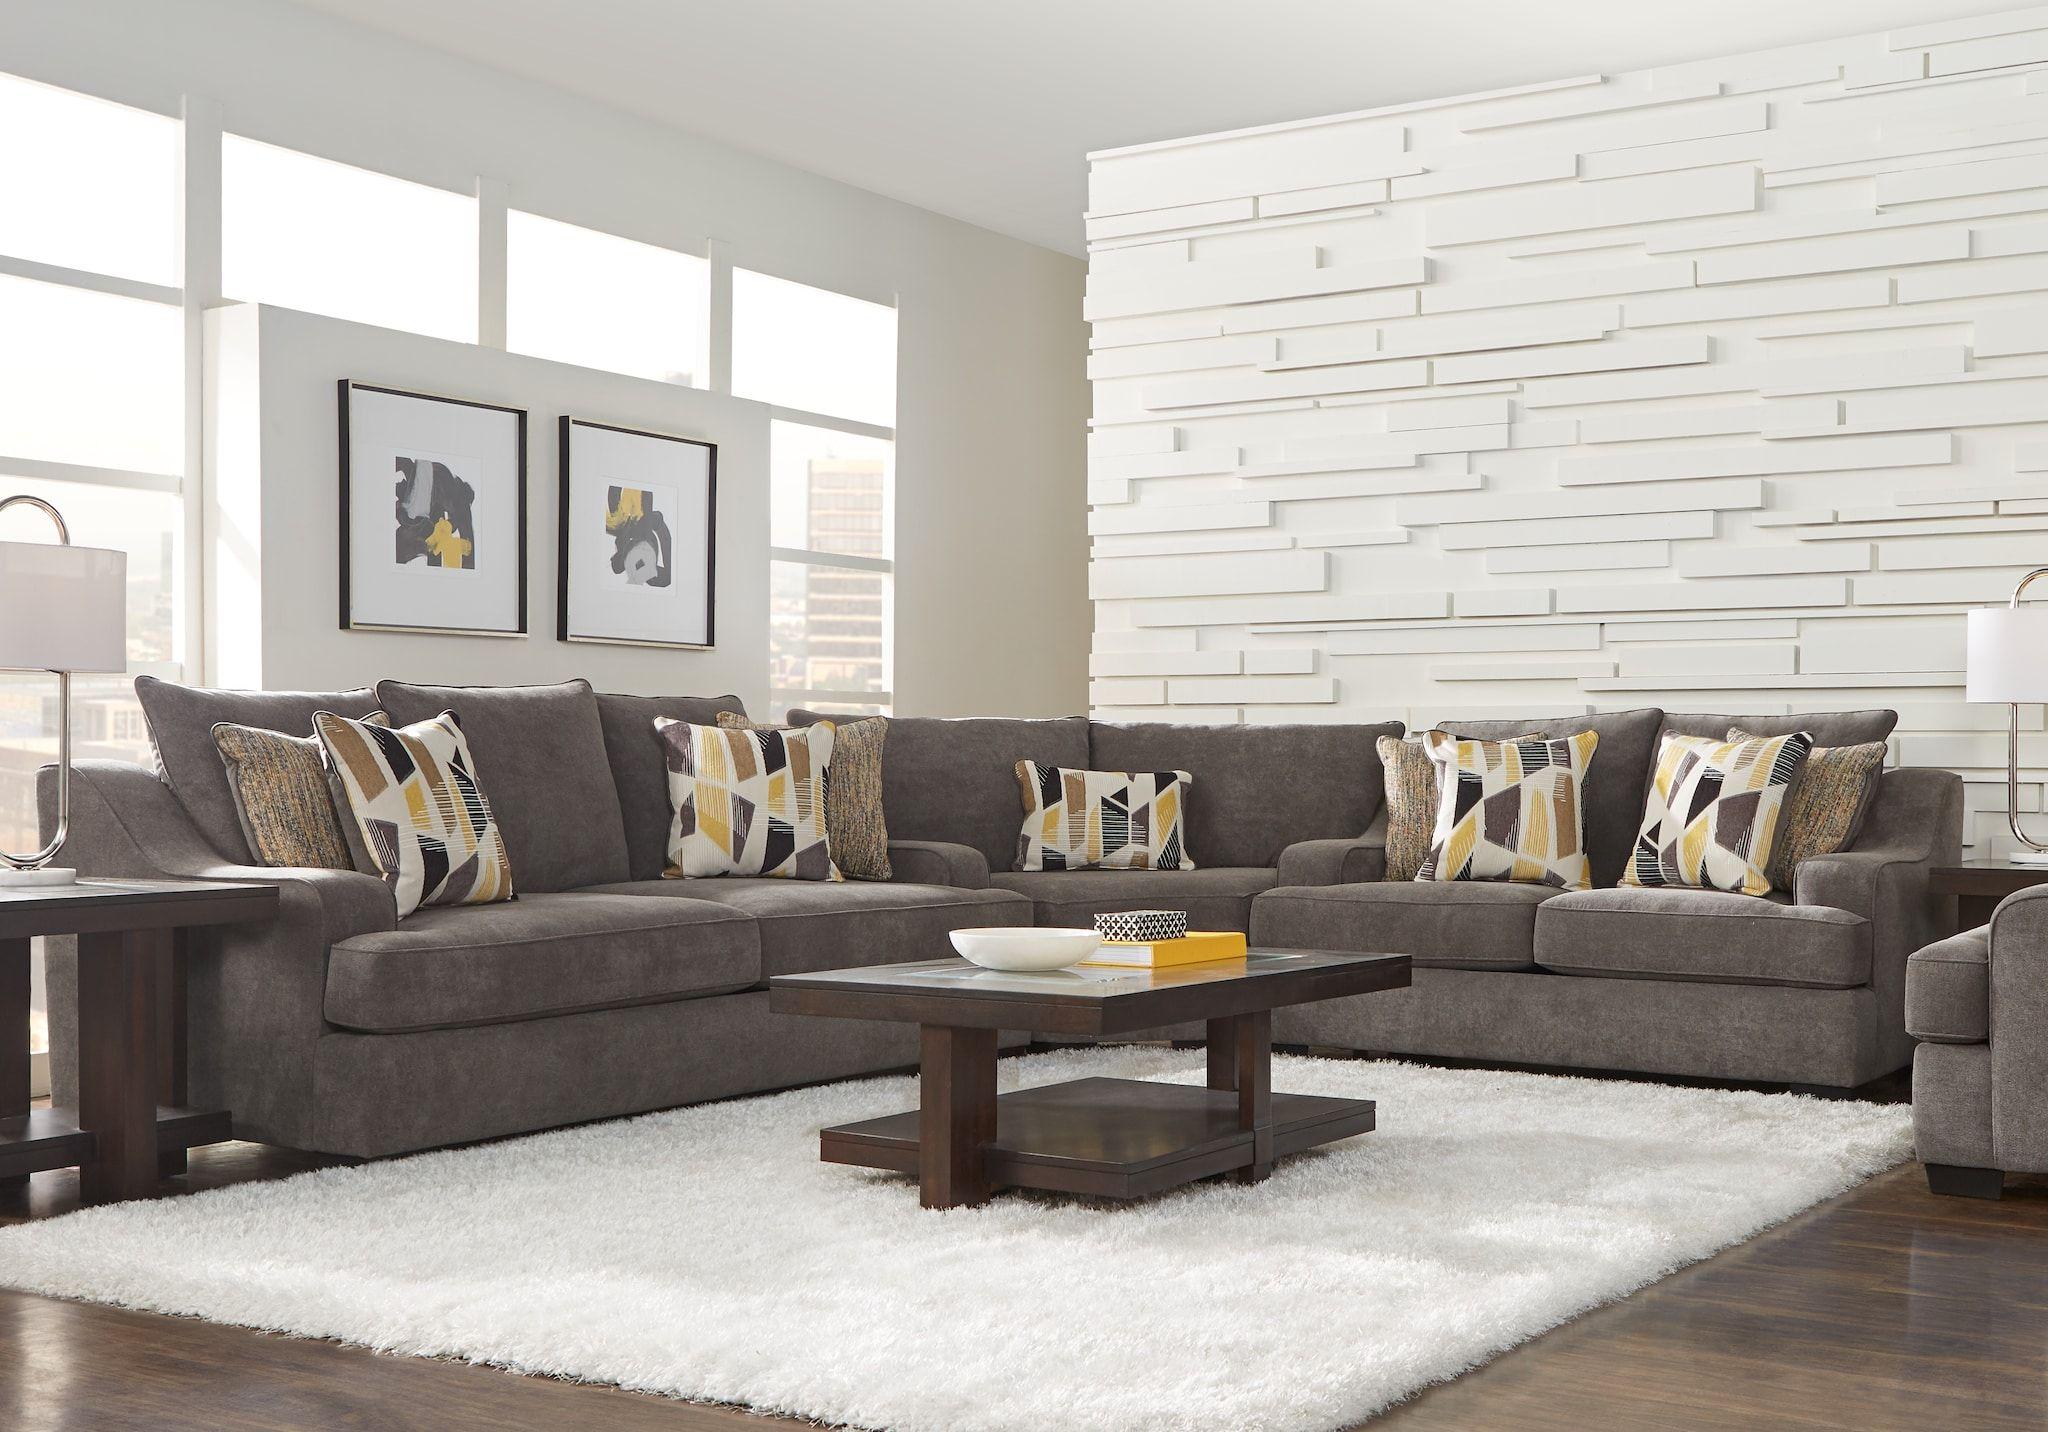 Living Room Sets Living Room Suites Furniture Collections Living Room Sets Furniture Grey Living Room Sets Living Room Sets